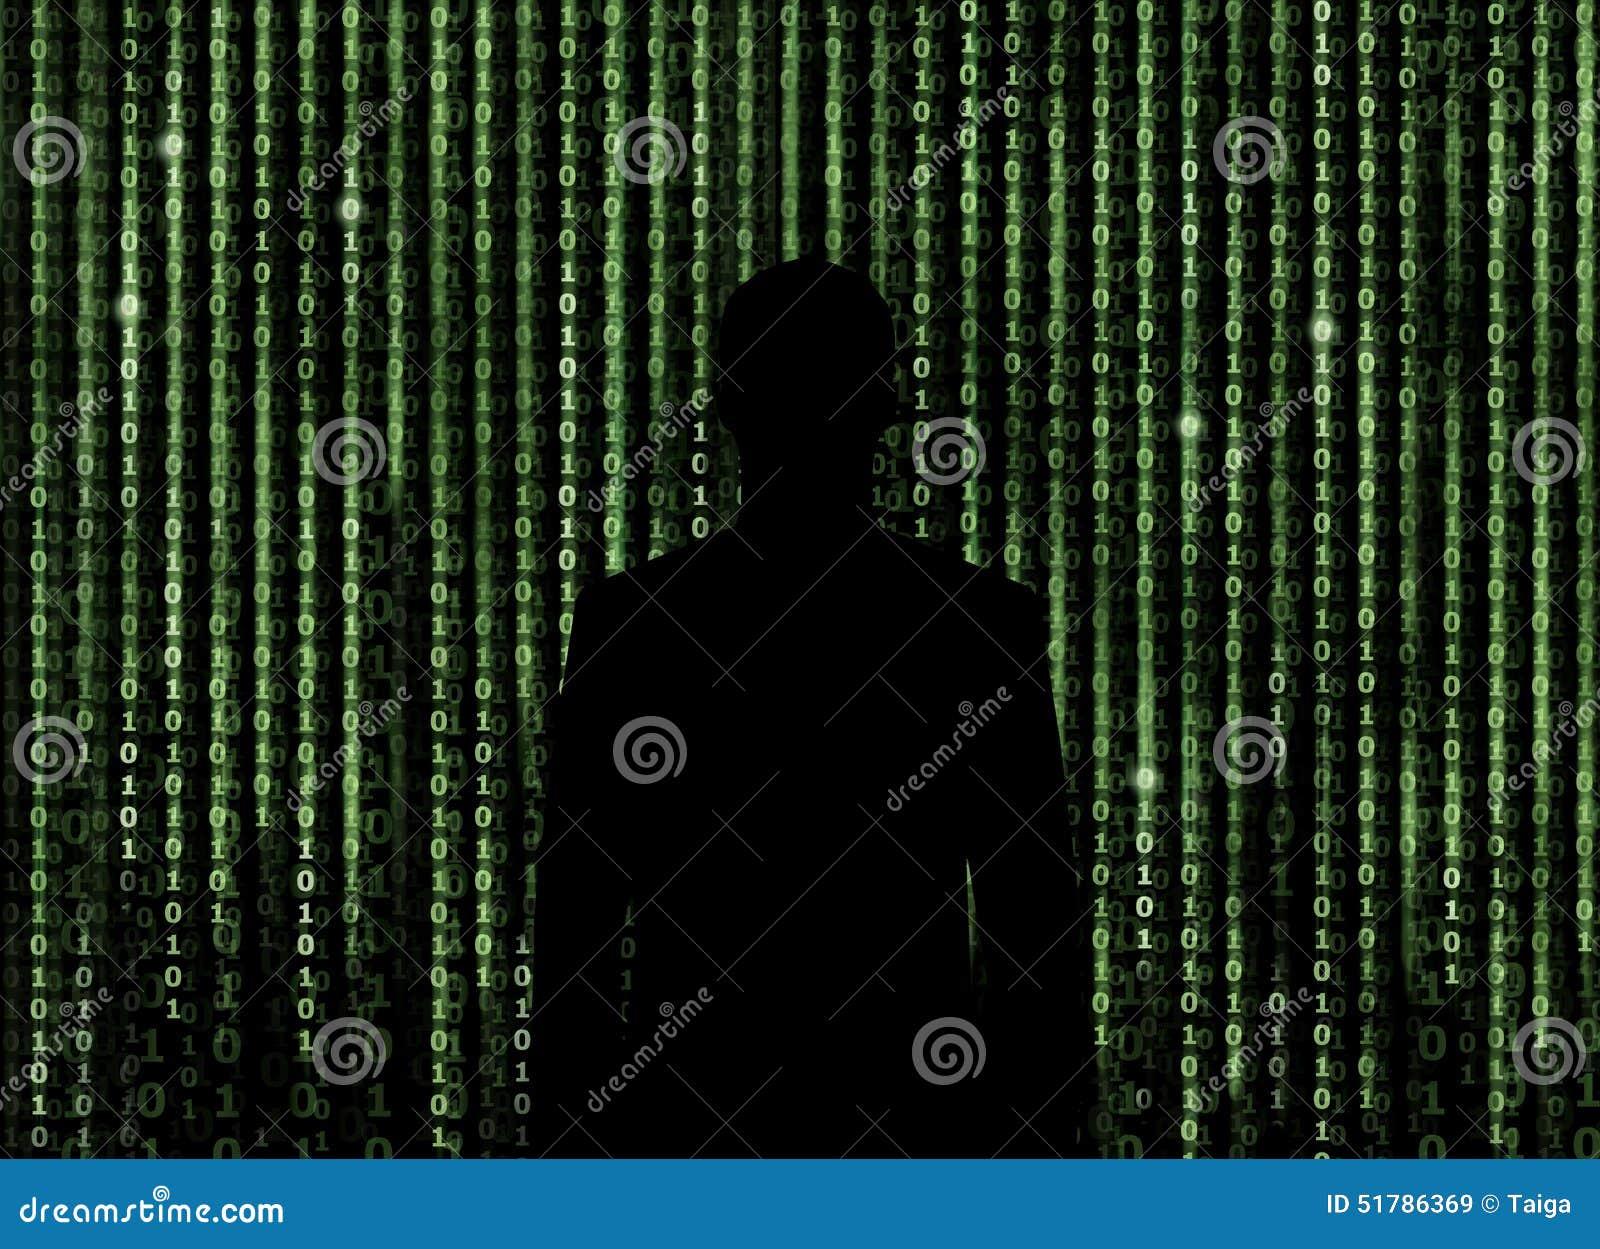 Silhouette de l homme regardant par le fond de matrice